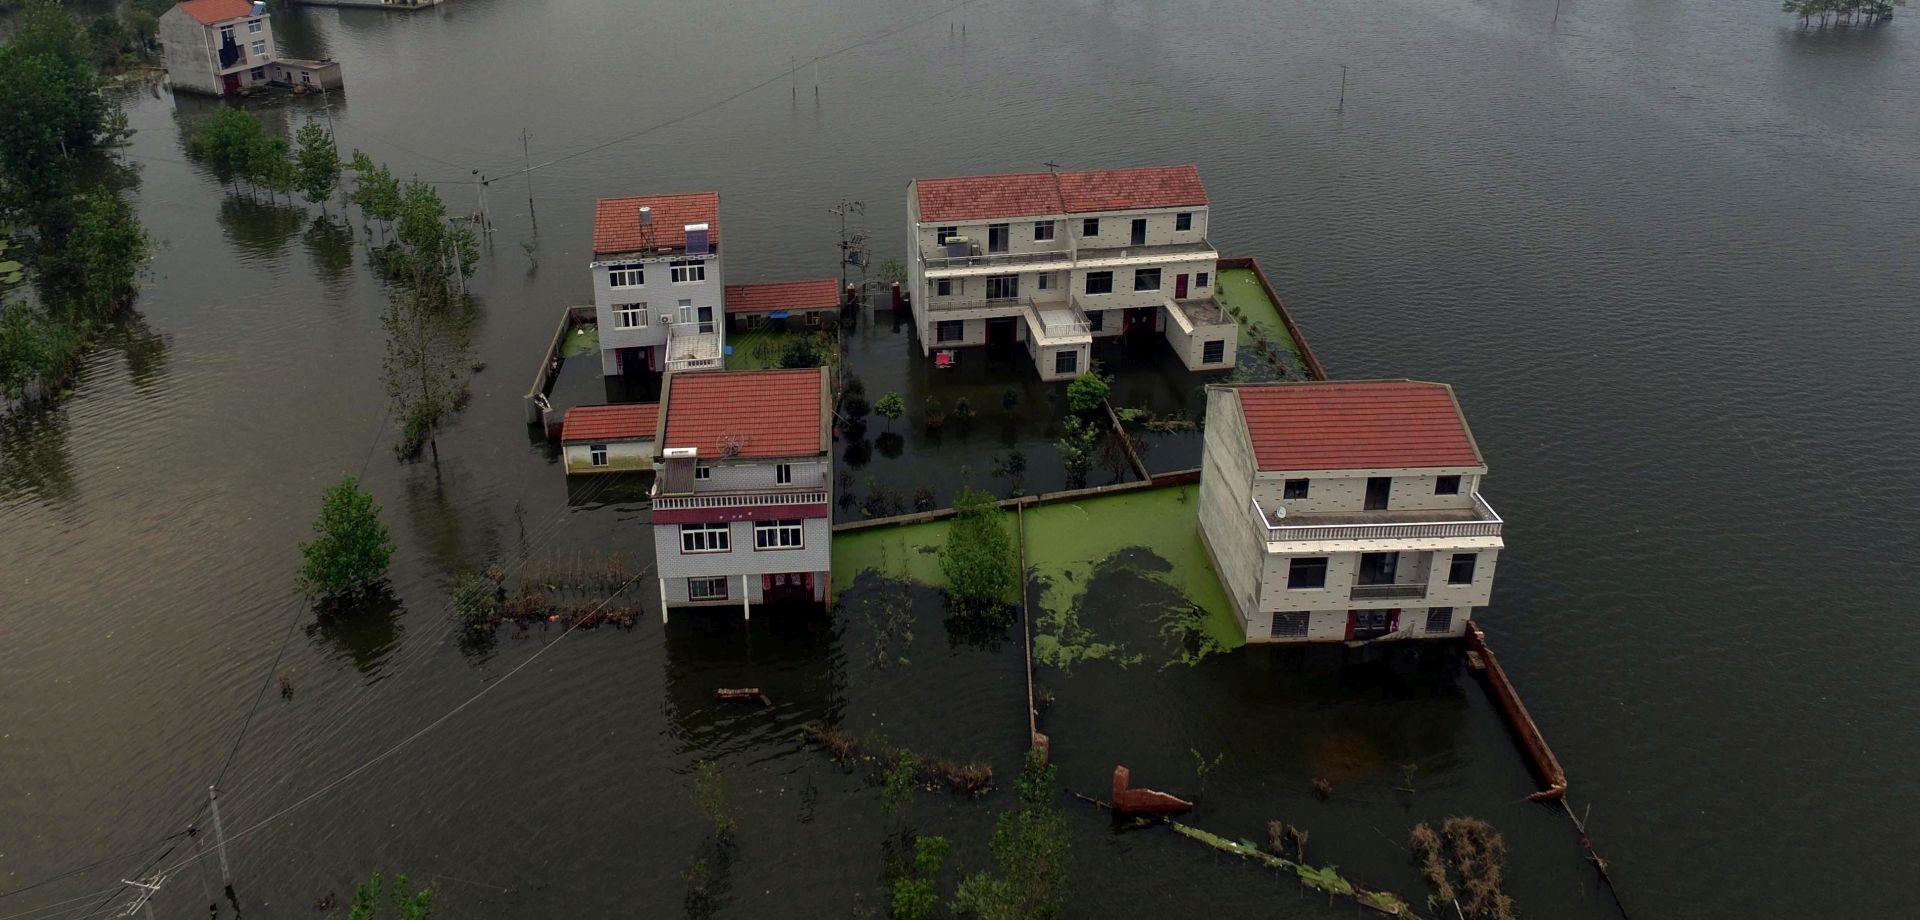 OLUJE I KIŠE: U poplavama u Kini više od 100 mrtvih